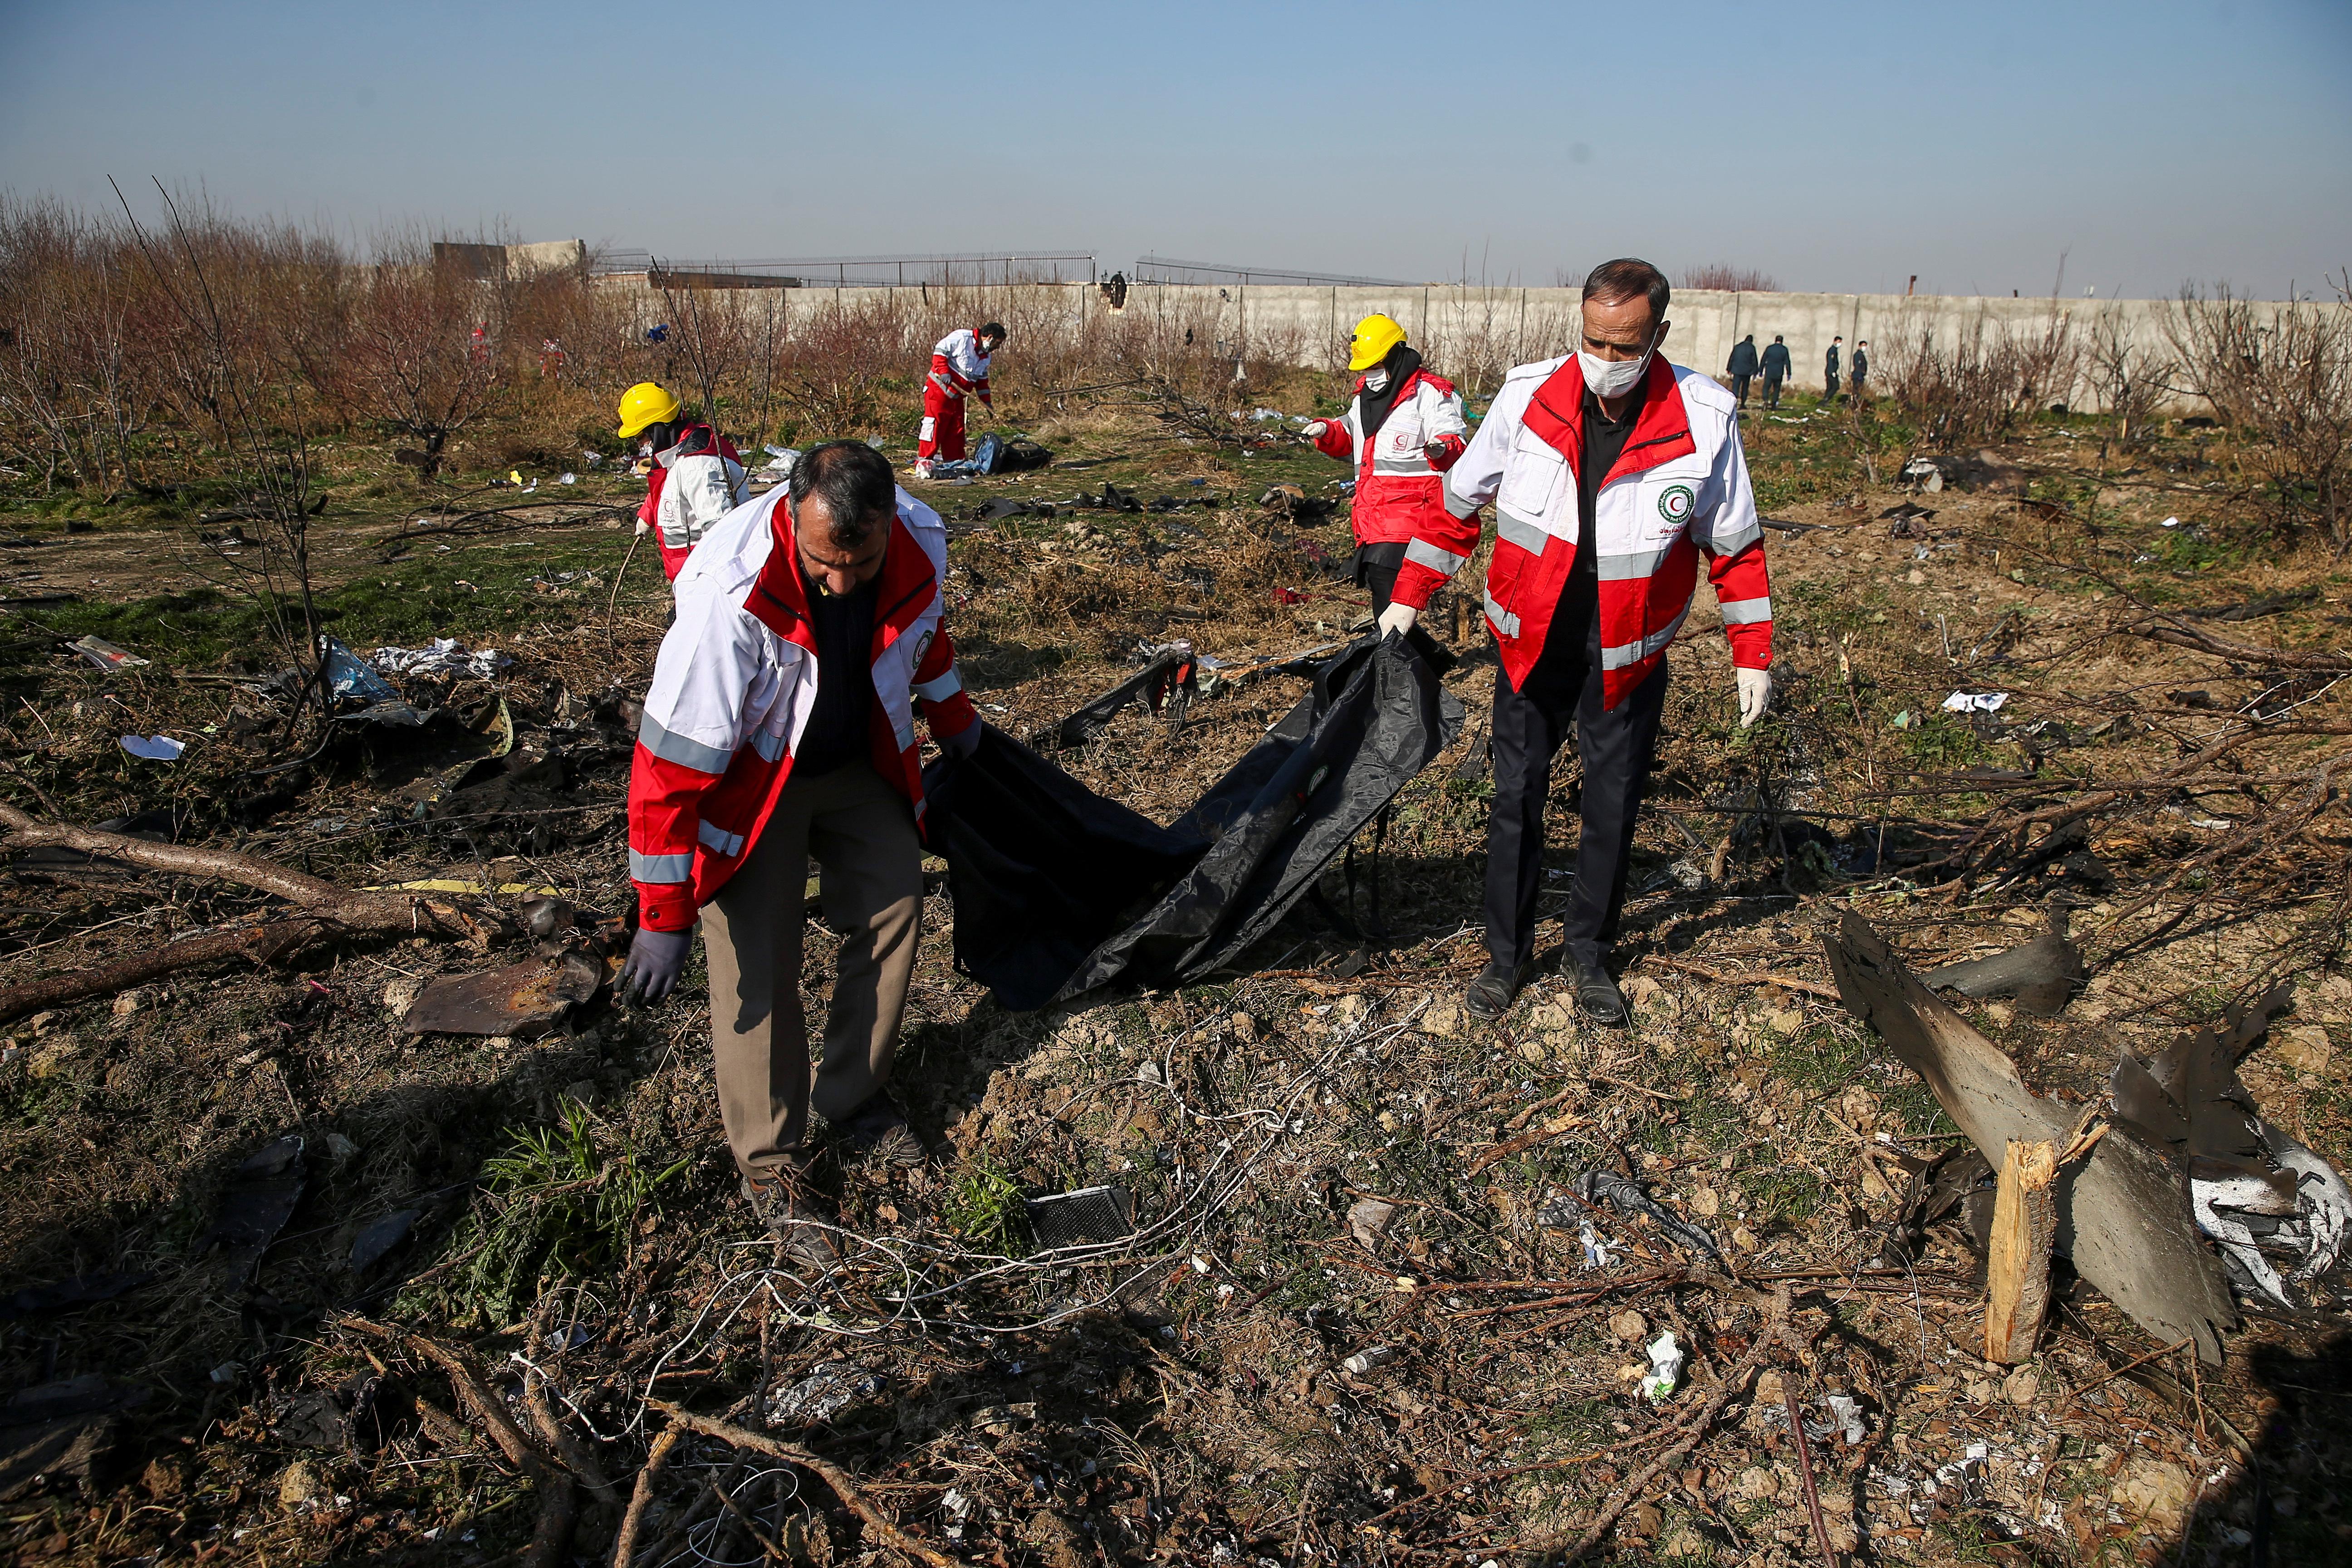 Los equipos de rescate iraníes encontraron las cajas negras del avión ucraniano que se estrelló el miércoles poco después de despegar de Teherán con 176 personas a bordo (REUTERS)